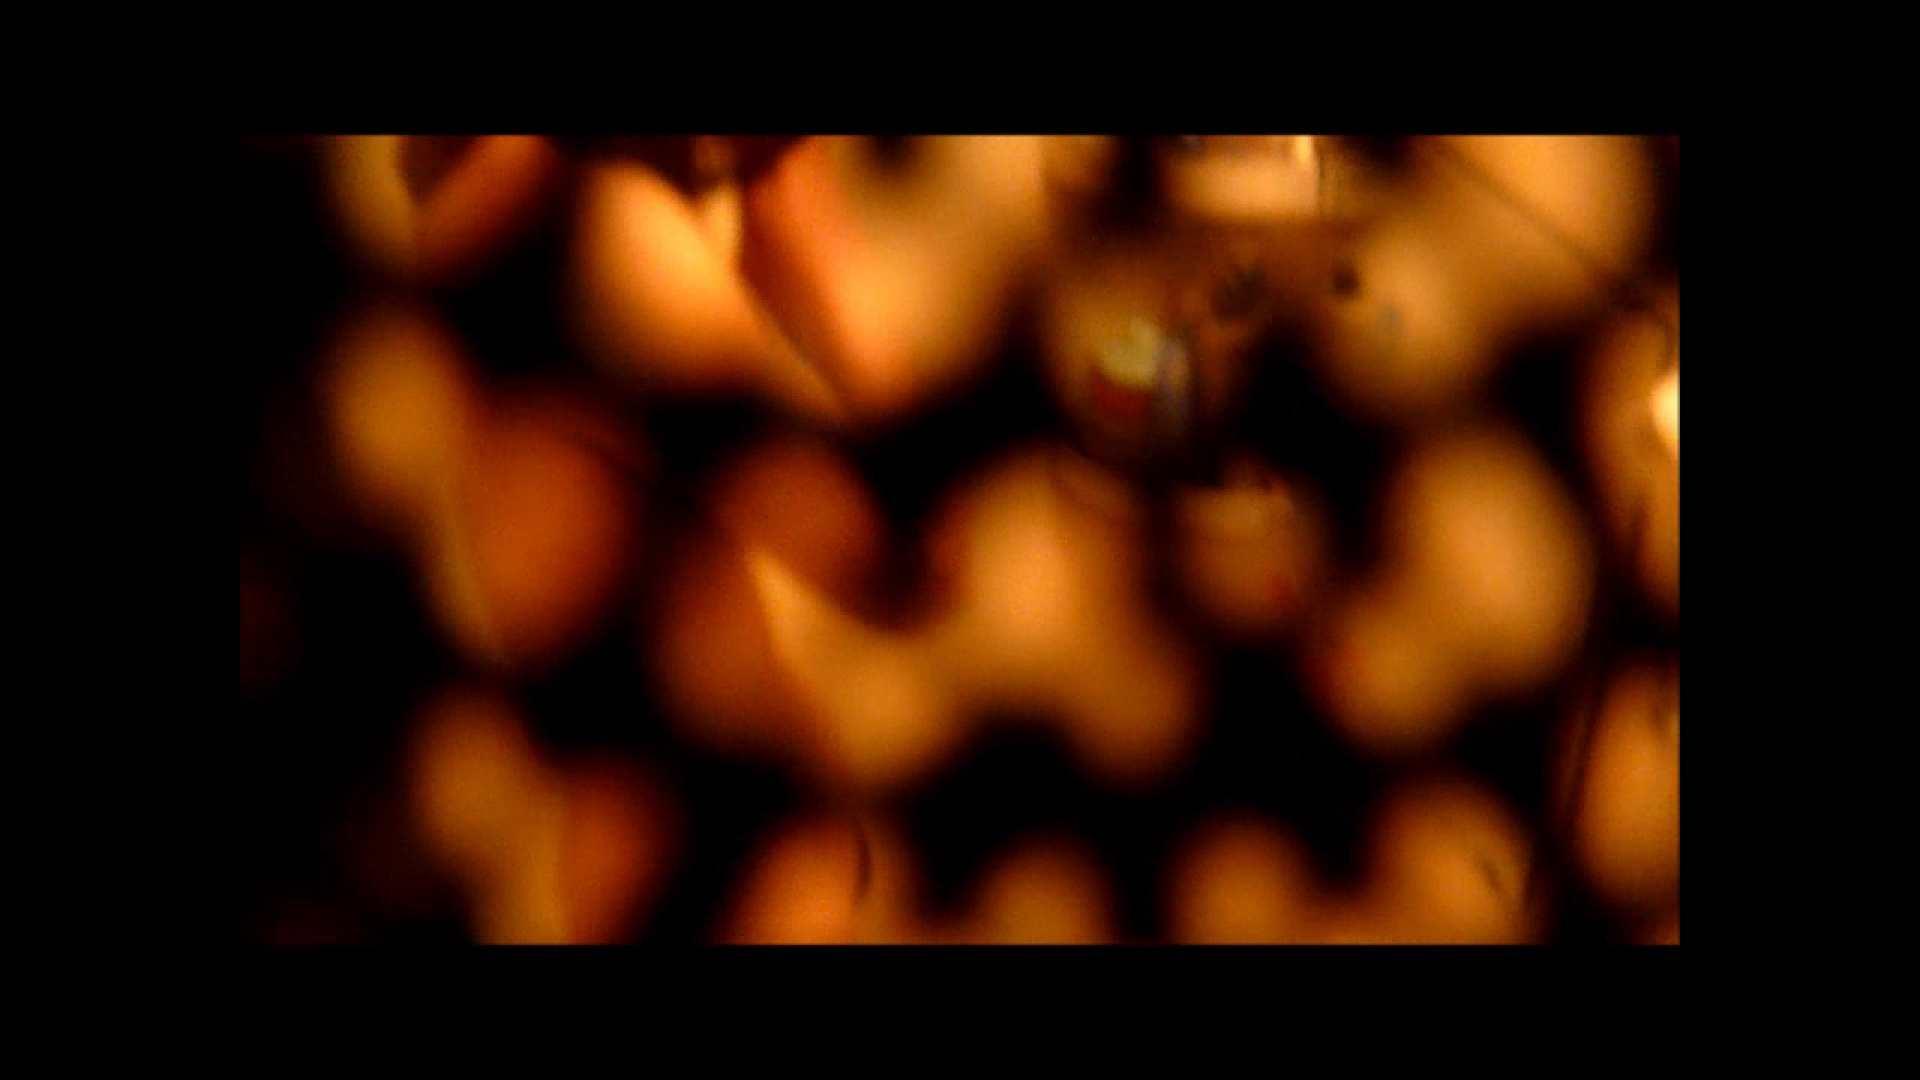 【02】ベランダに侵入して張り込みを始めて・・・やっと結果が出ました。 家宅侵入 | 0  82画像 15